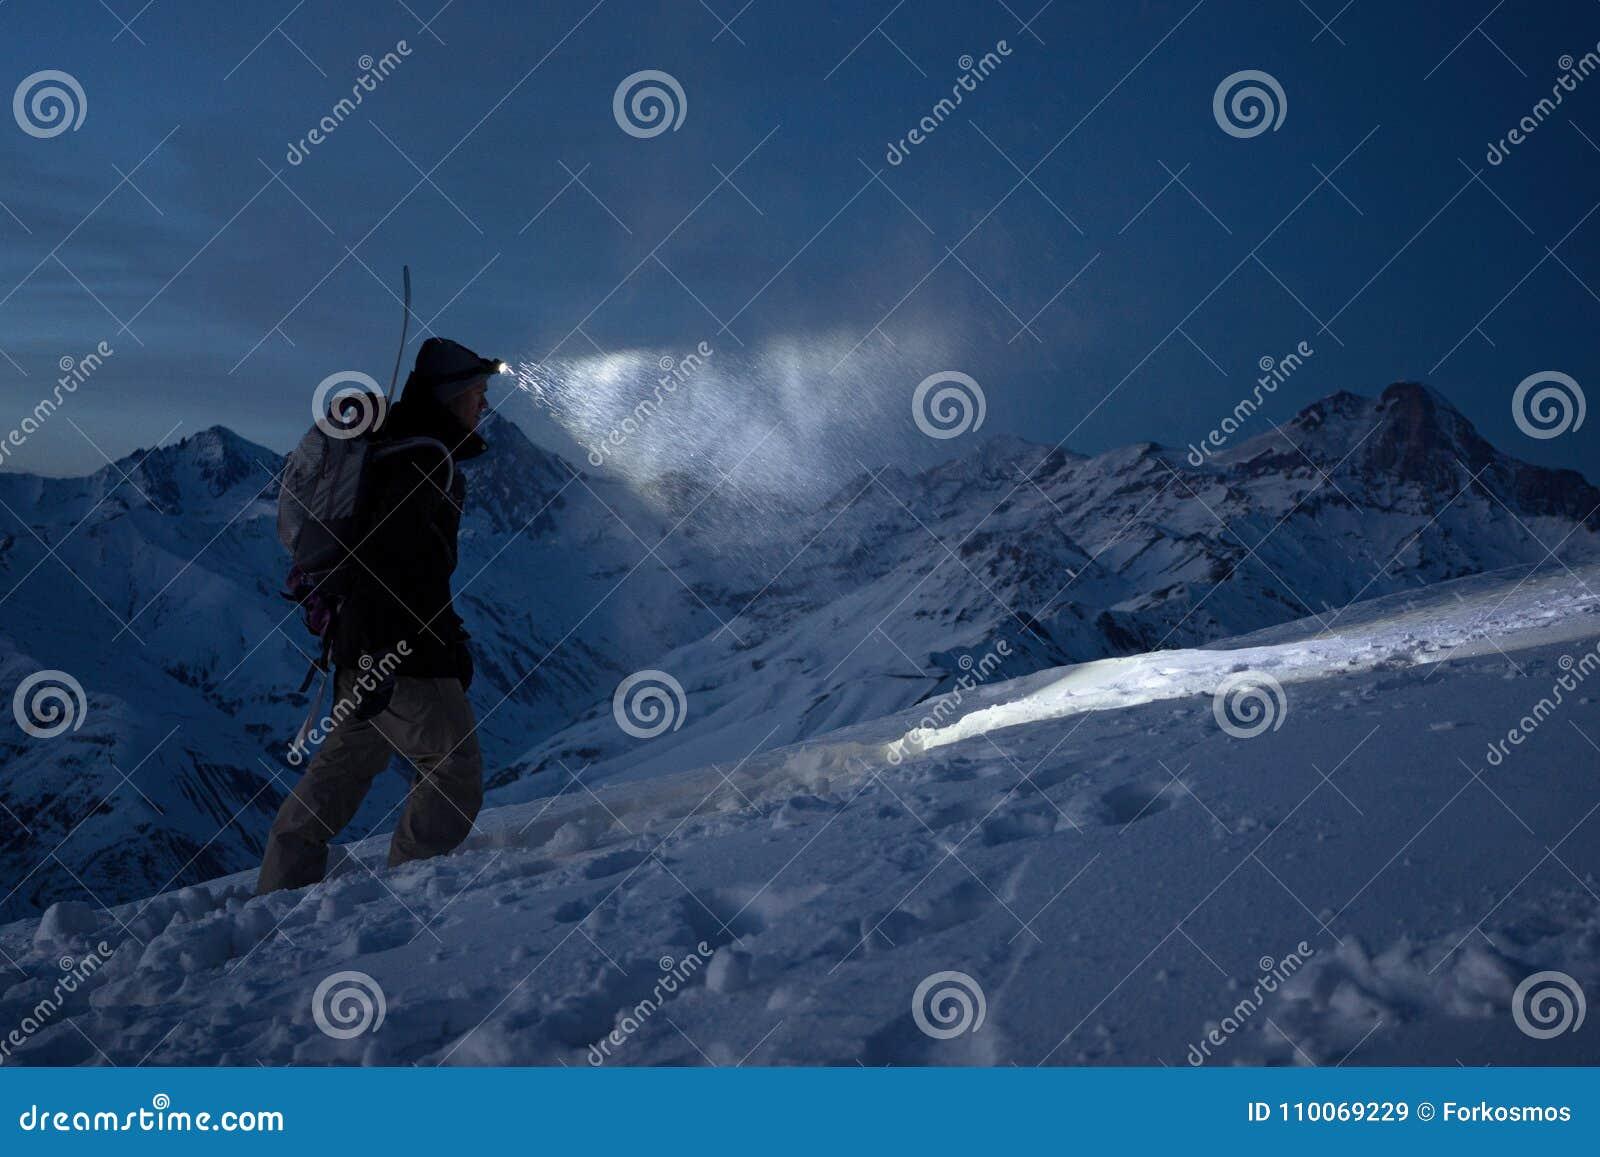 Ο γενναίος εξερευνητής νύχτας αναρριχείται στα υψηλά χιονώδη βουνά και ανάβει τον τρόπο με έναν προβολέα Ακραία αποστολή Γύρος σκ